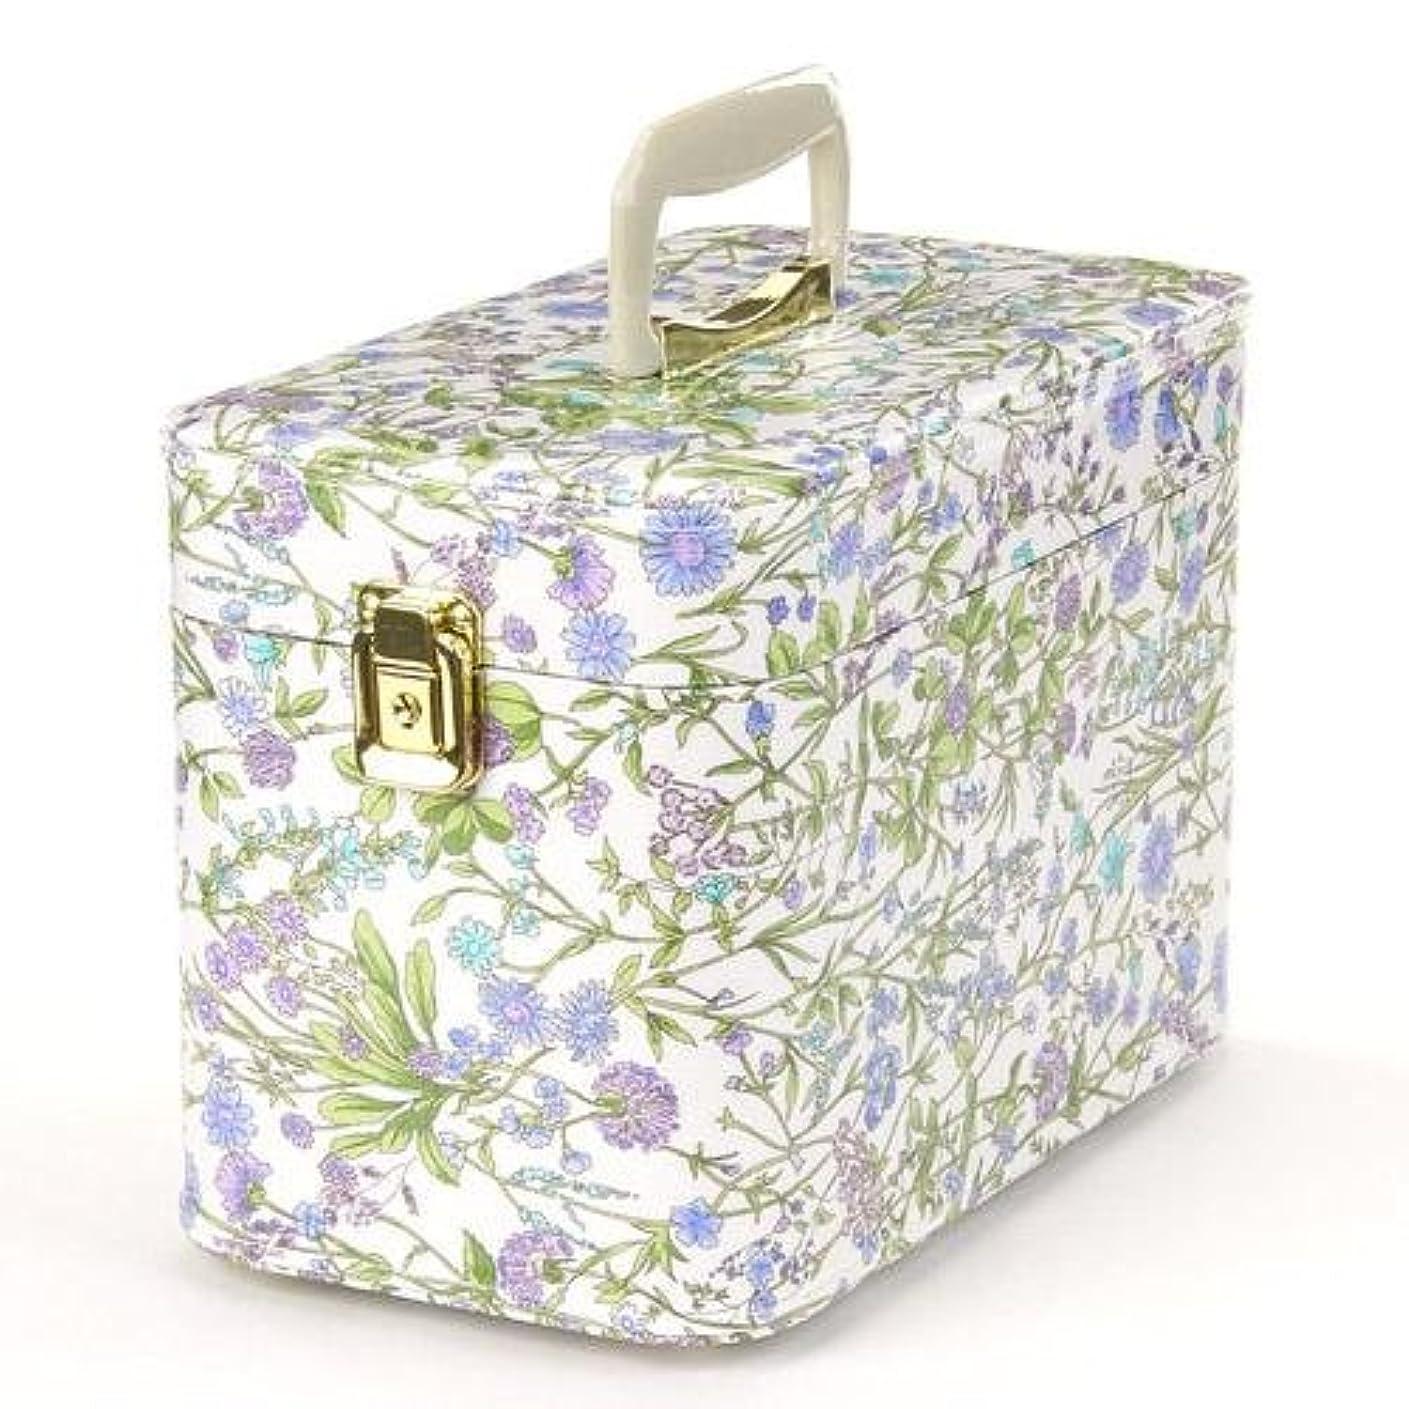 競合他社選手韓国人道的日本製 メイクボックス (コスメボックス)ハーブガーデン 30cm スカイブルー トレンケース(鍵付き/コスメボックス)